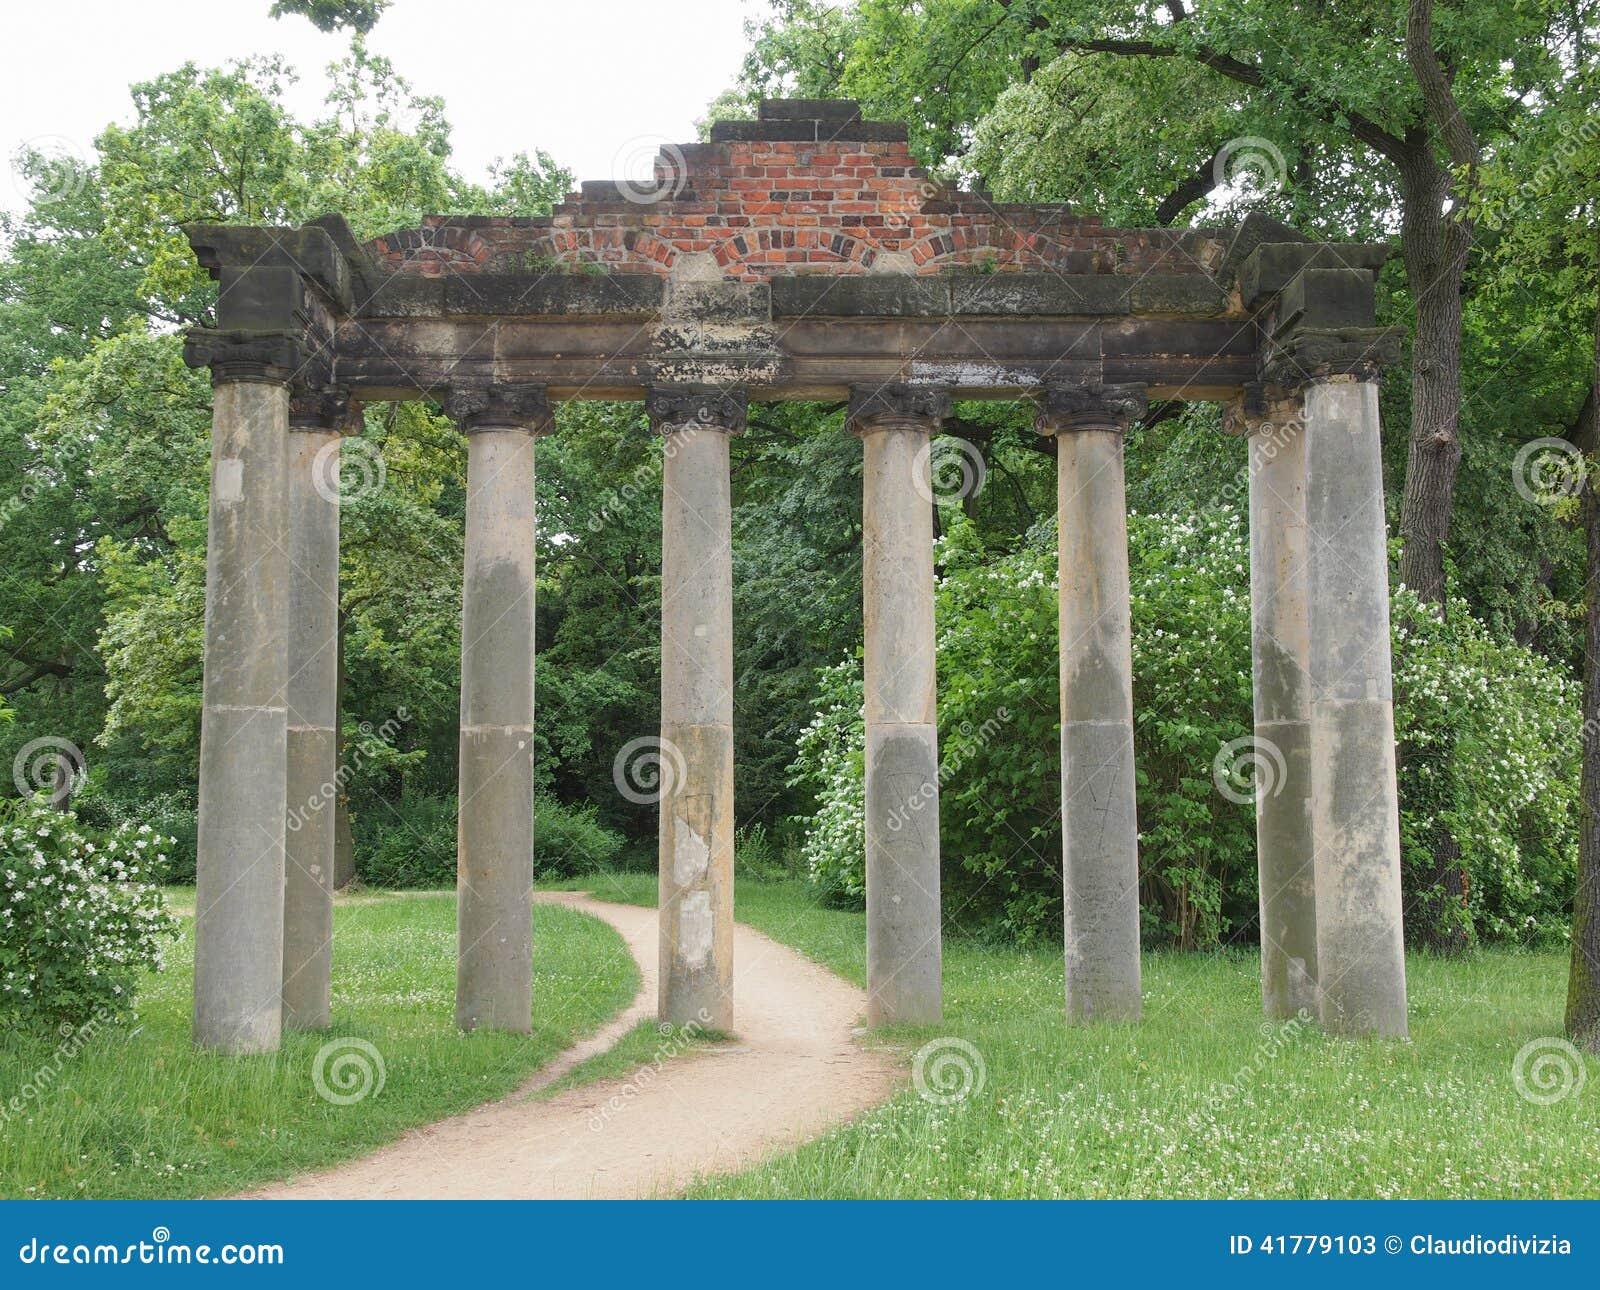 sieben saeulen ruins in dessau germany stock image image of saulen anhalt 41779103. Black Bedroom Furniture Sets. Home Design Ideas